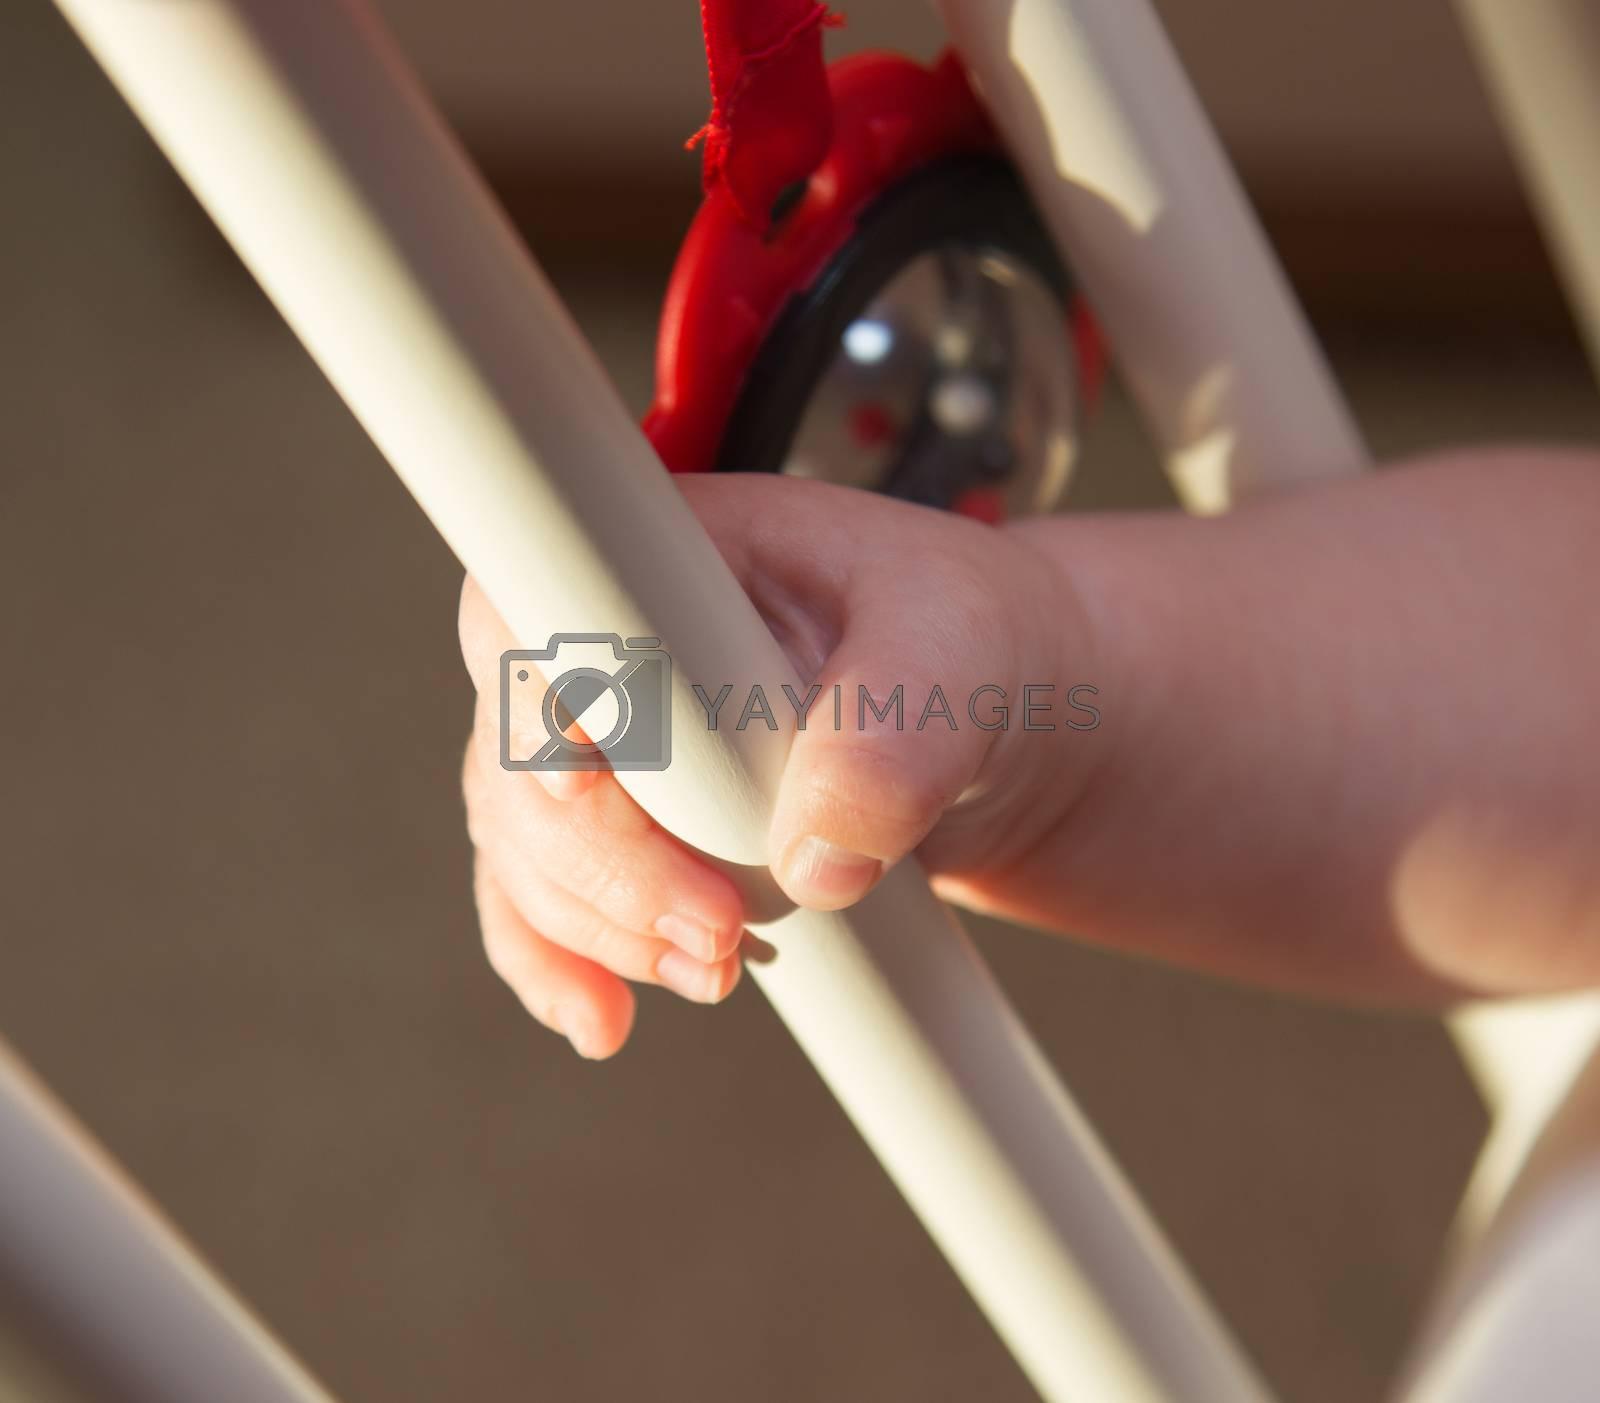 pretty little baby boy hand